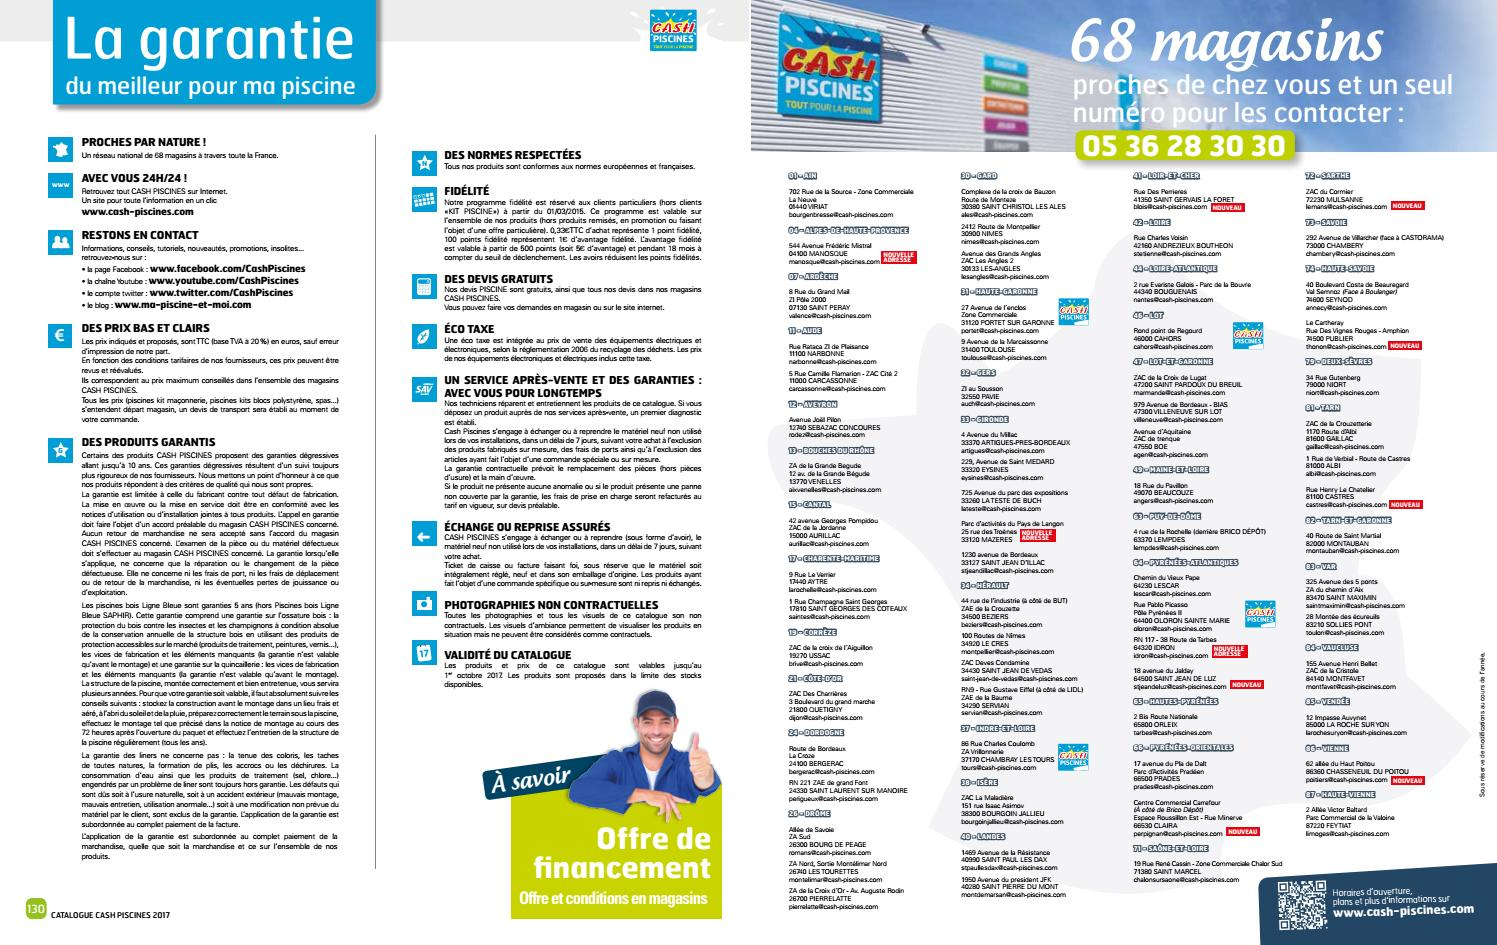 Catalogue Cash Piscine 2017 By Octave Octave - Issuu intérieur Cash Piscine Toulon